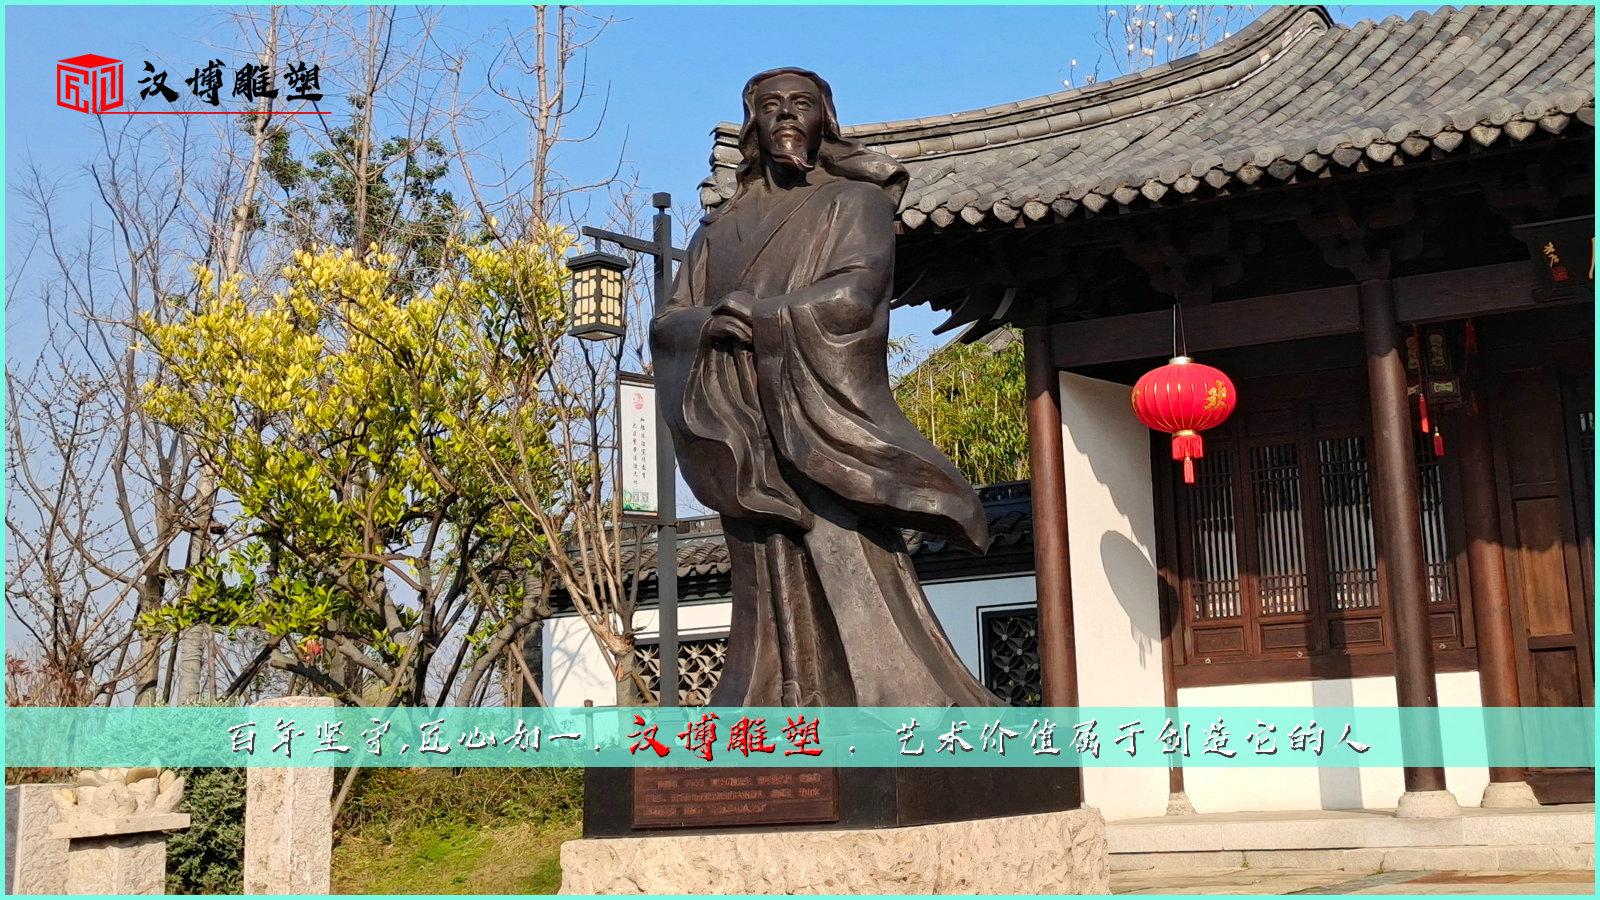 陶渊明主题人物雕塑;领略历史文化气息